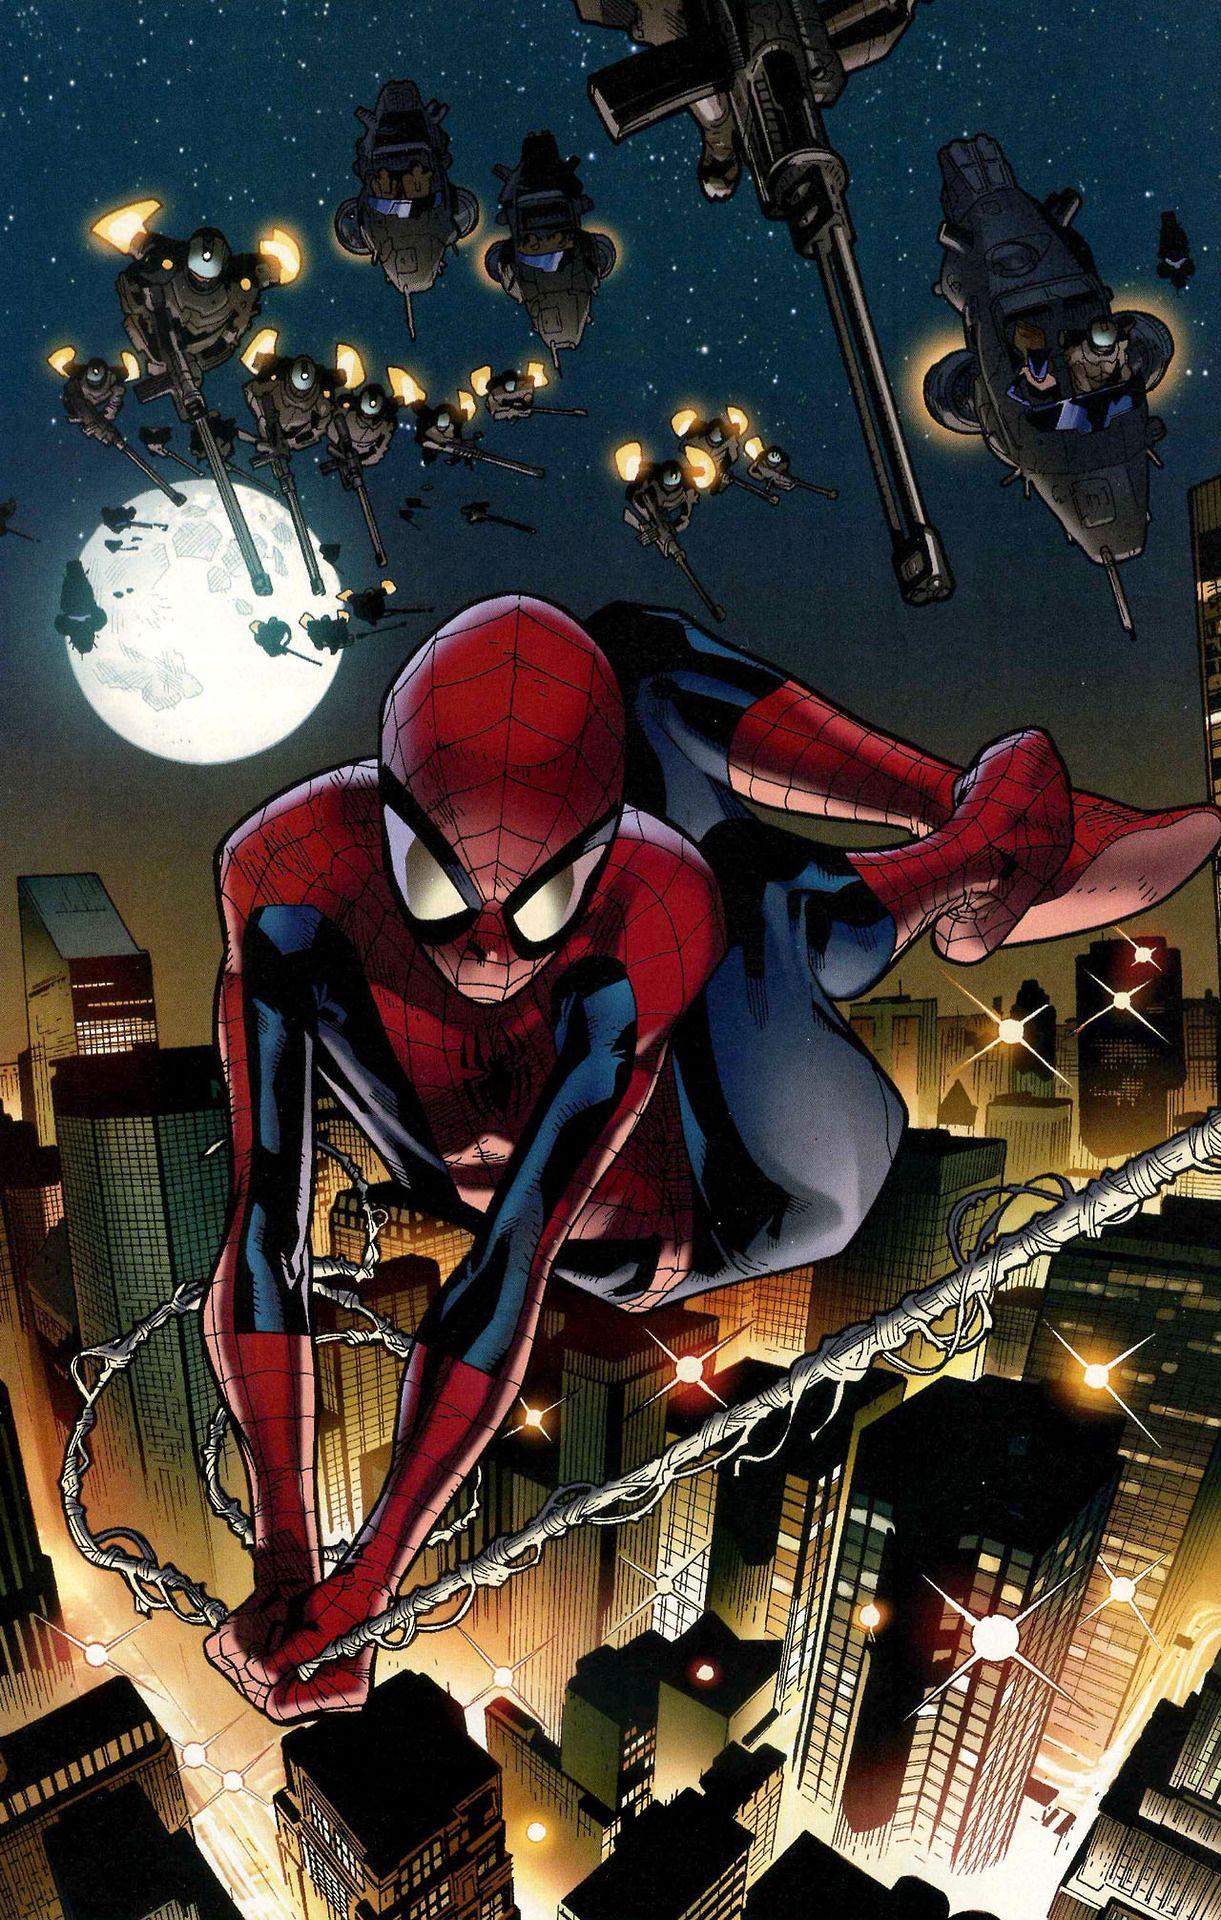 Ultimate Spider Man By Stuart Immonen Wade Von Grawbadger Ultimate Spiderman Spiderman Spiderman Comic